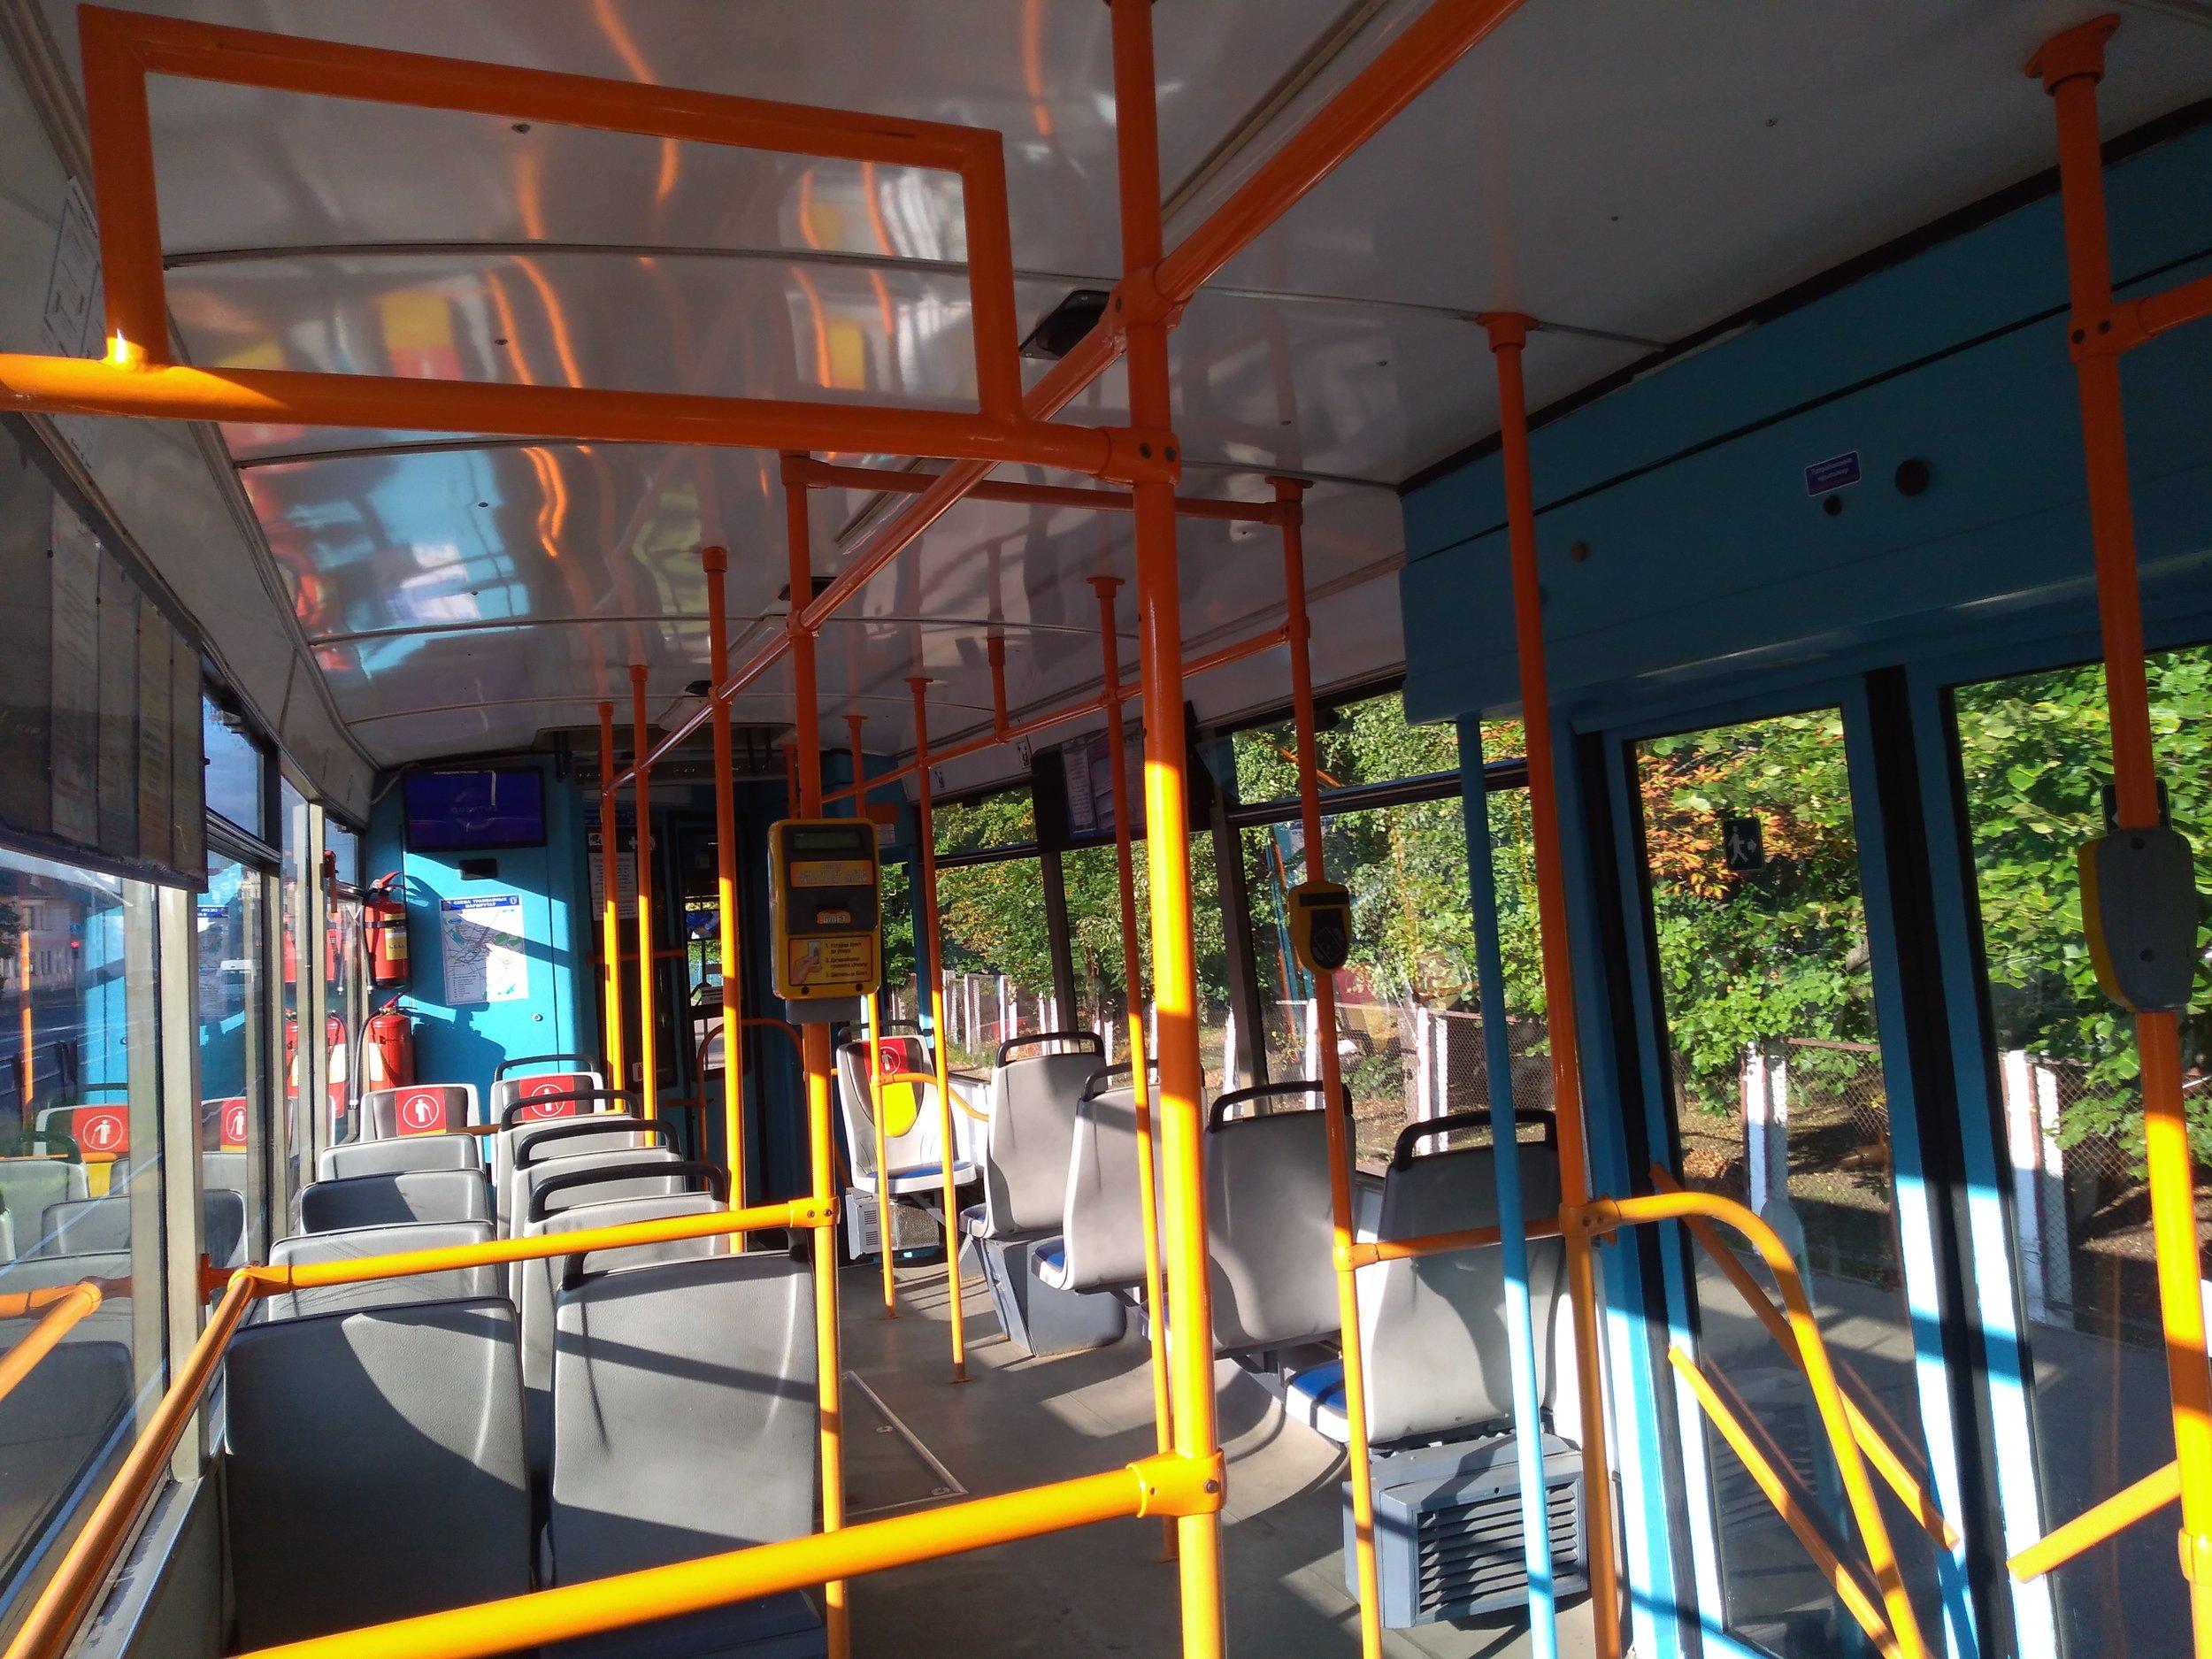 Jízdenky na tramvaj se kupují v kioscích nebo u řidiče, kde jsou o pět kopějek dražší. Jízdenky je třeba označit. Kdo má platební kartu, může platit i ní (to platí zatím jen pro tramvaj).